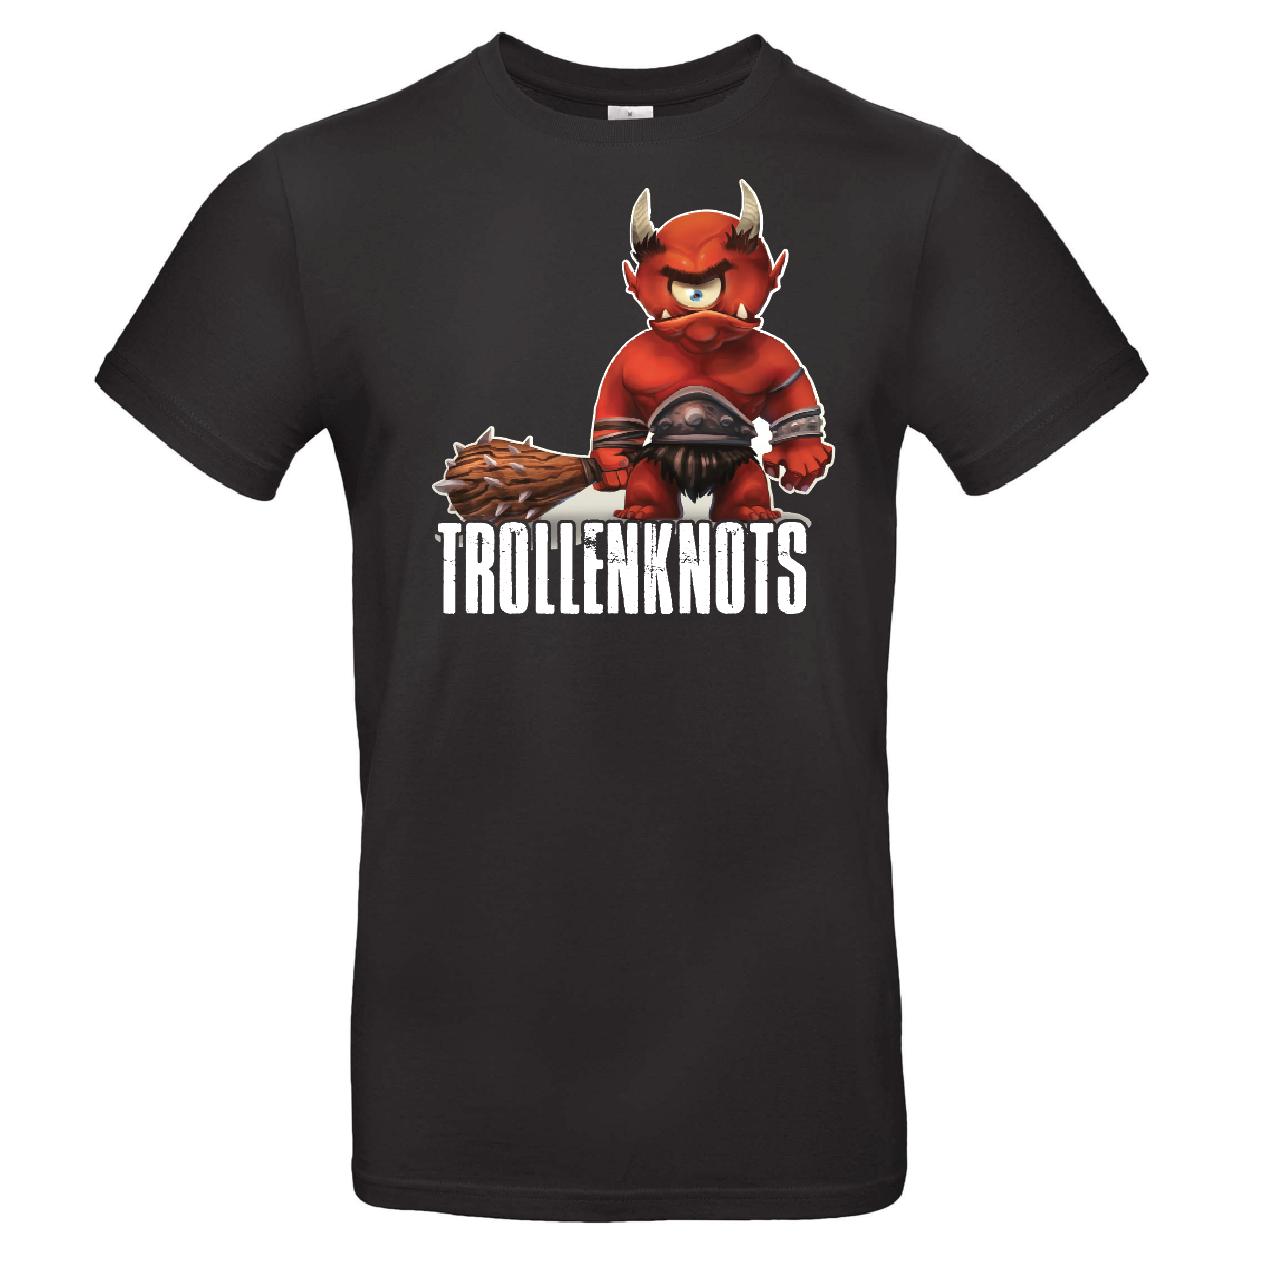 Trollenknots 02193